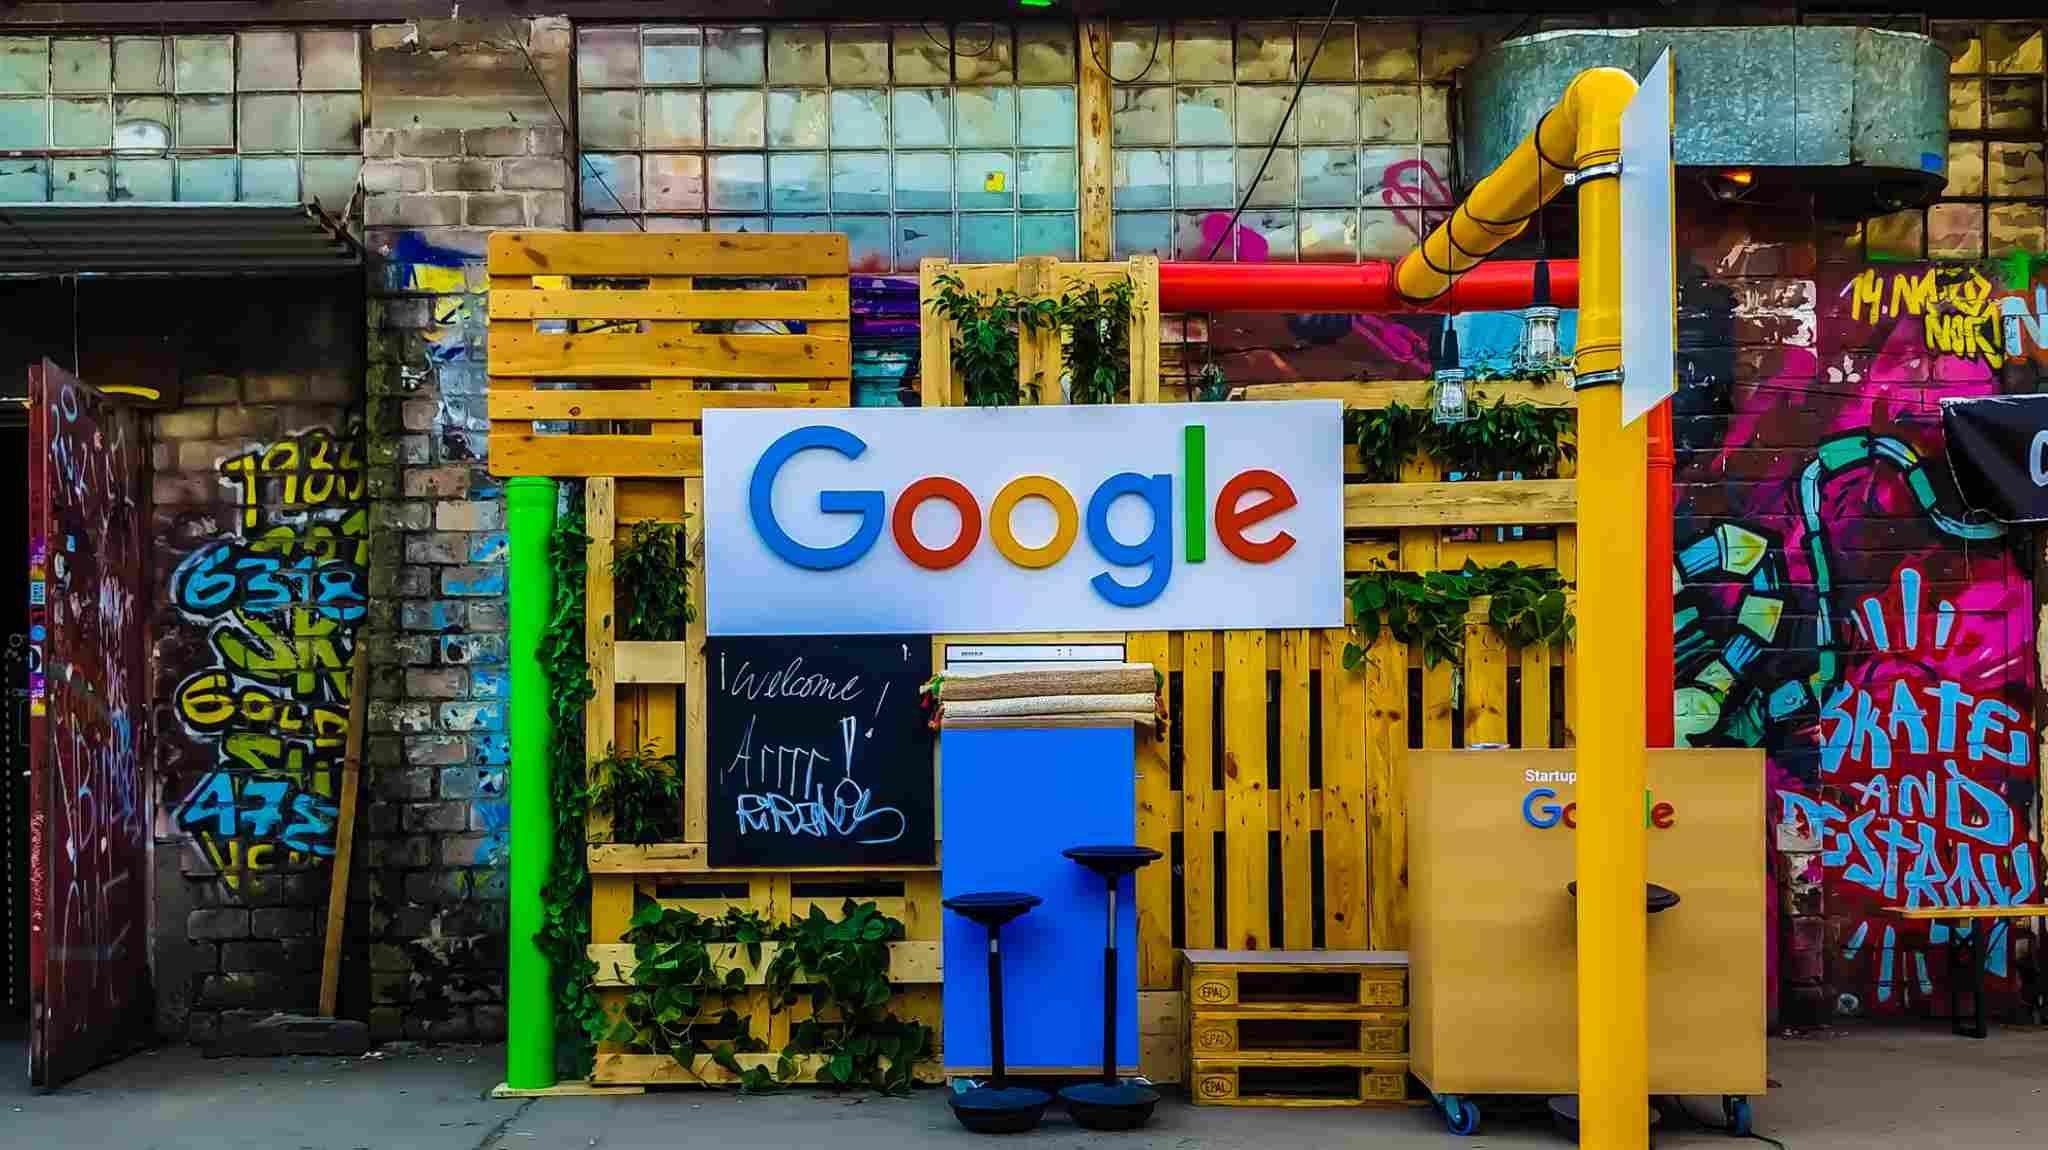 Hvordan bli synlig på Google med SEO inn mot 2020-tallet